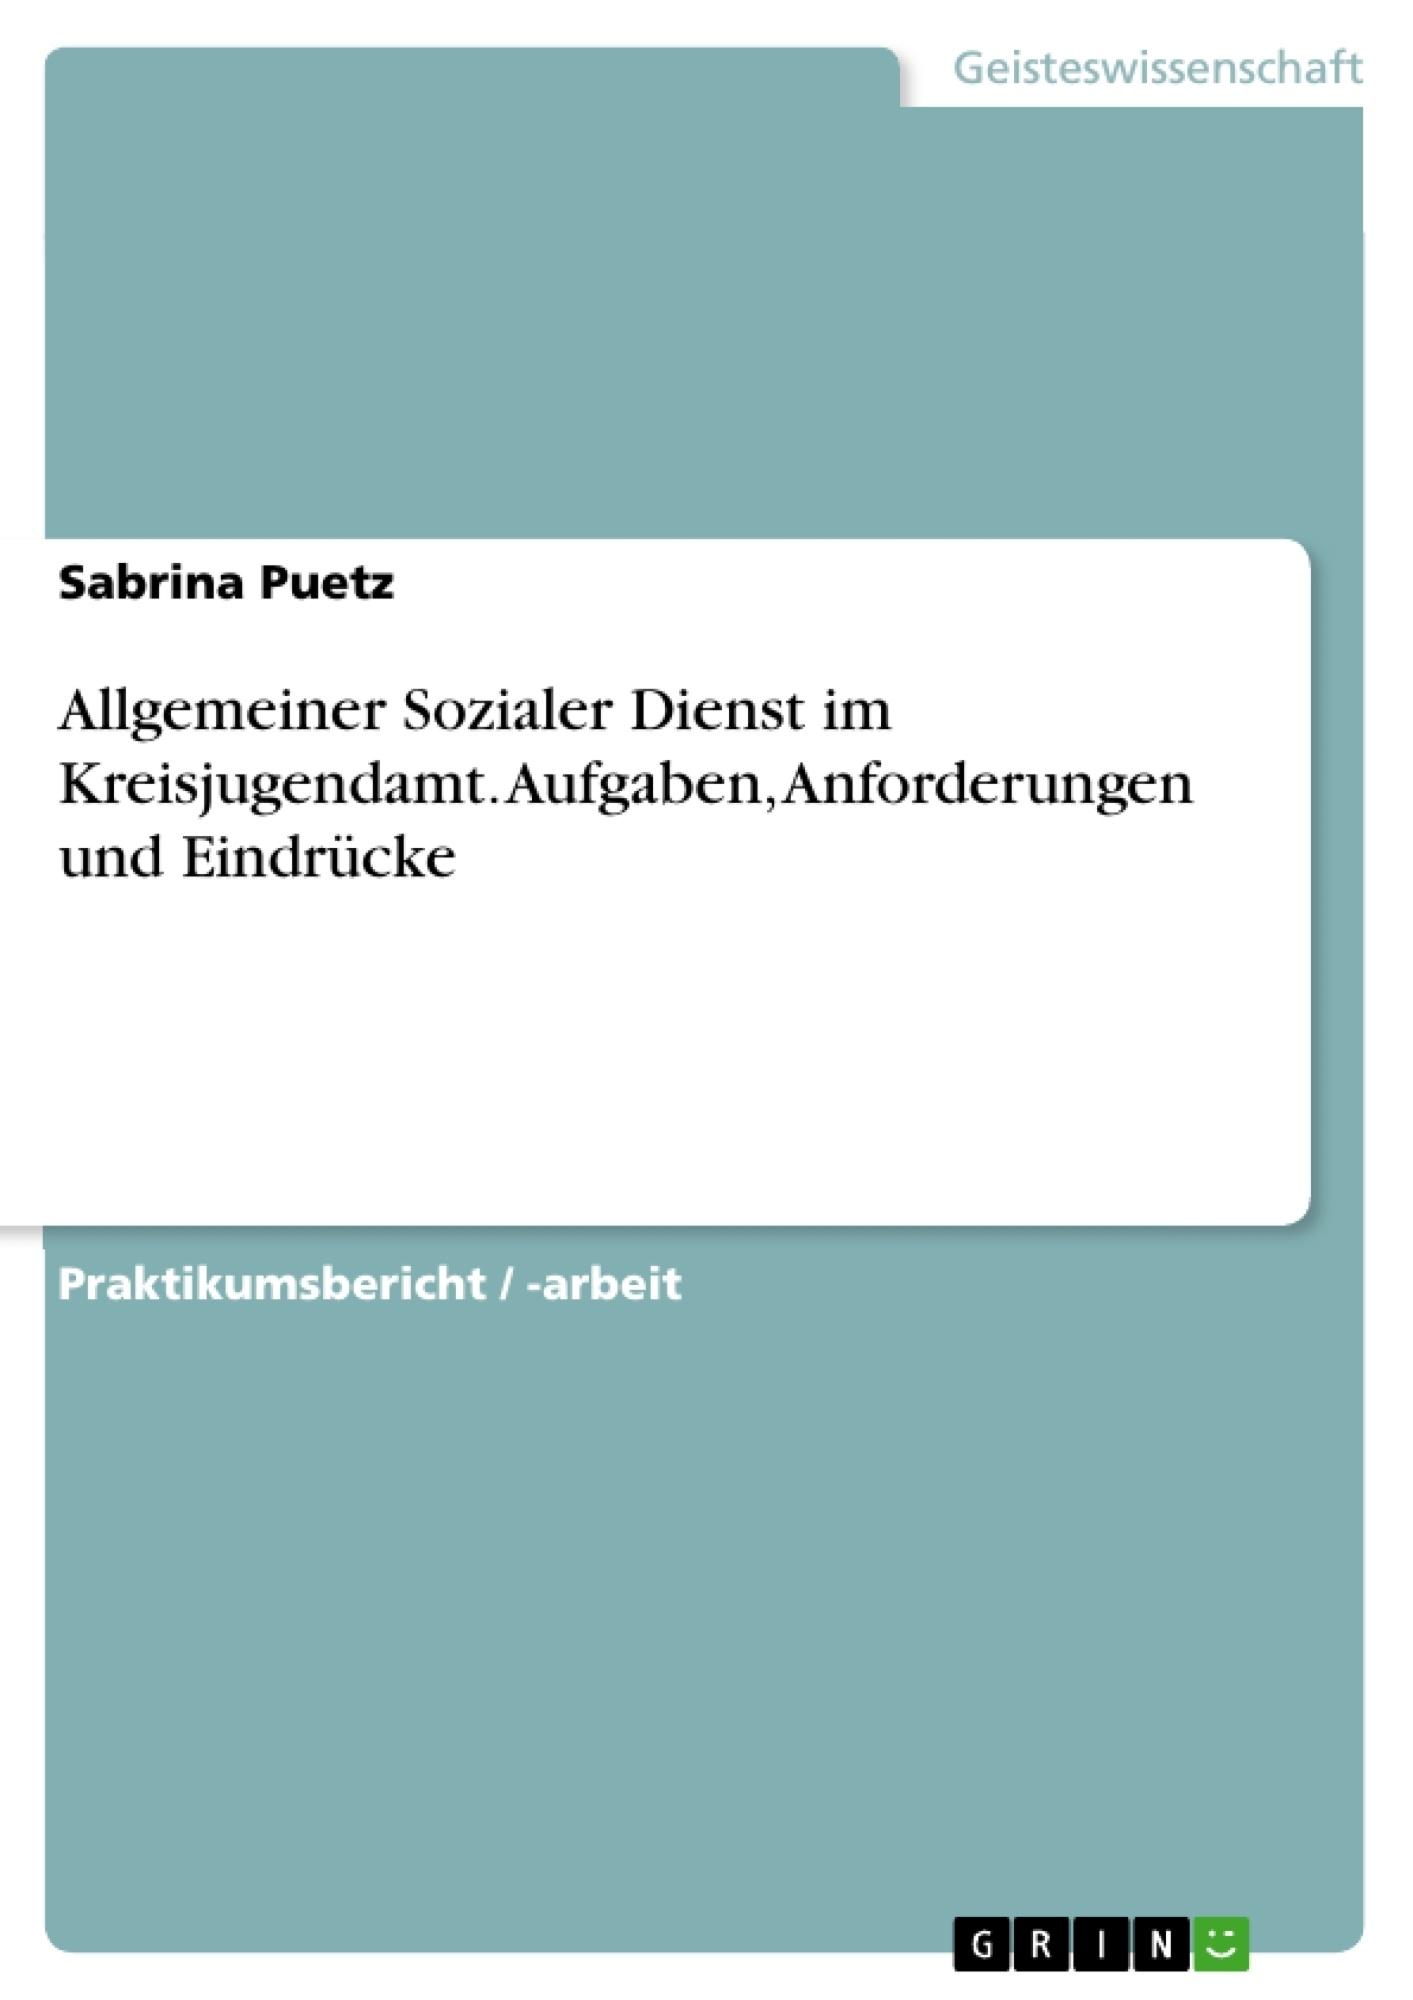 Titel: Allgemeiner Sozialer Dienst im Kreisjugendamt. Aufgaben, Anforderungen und Eindrücke